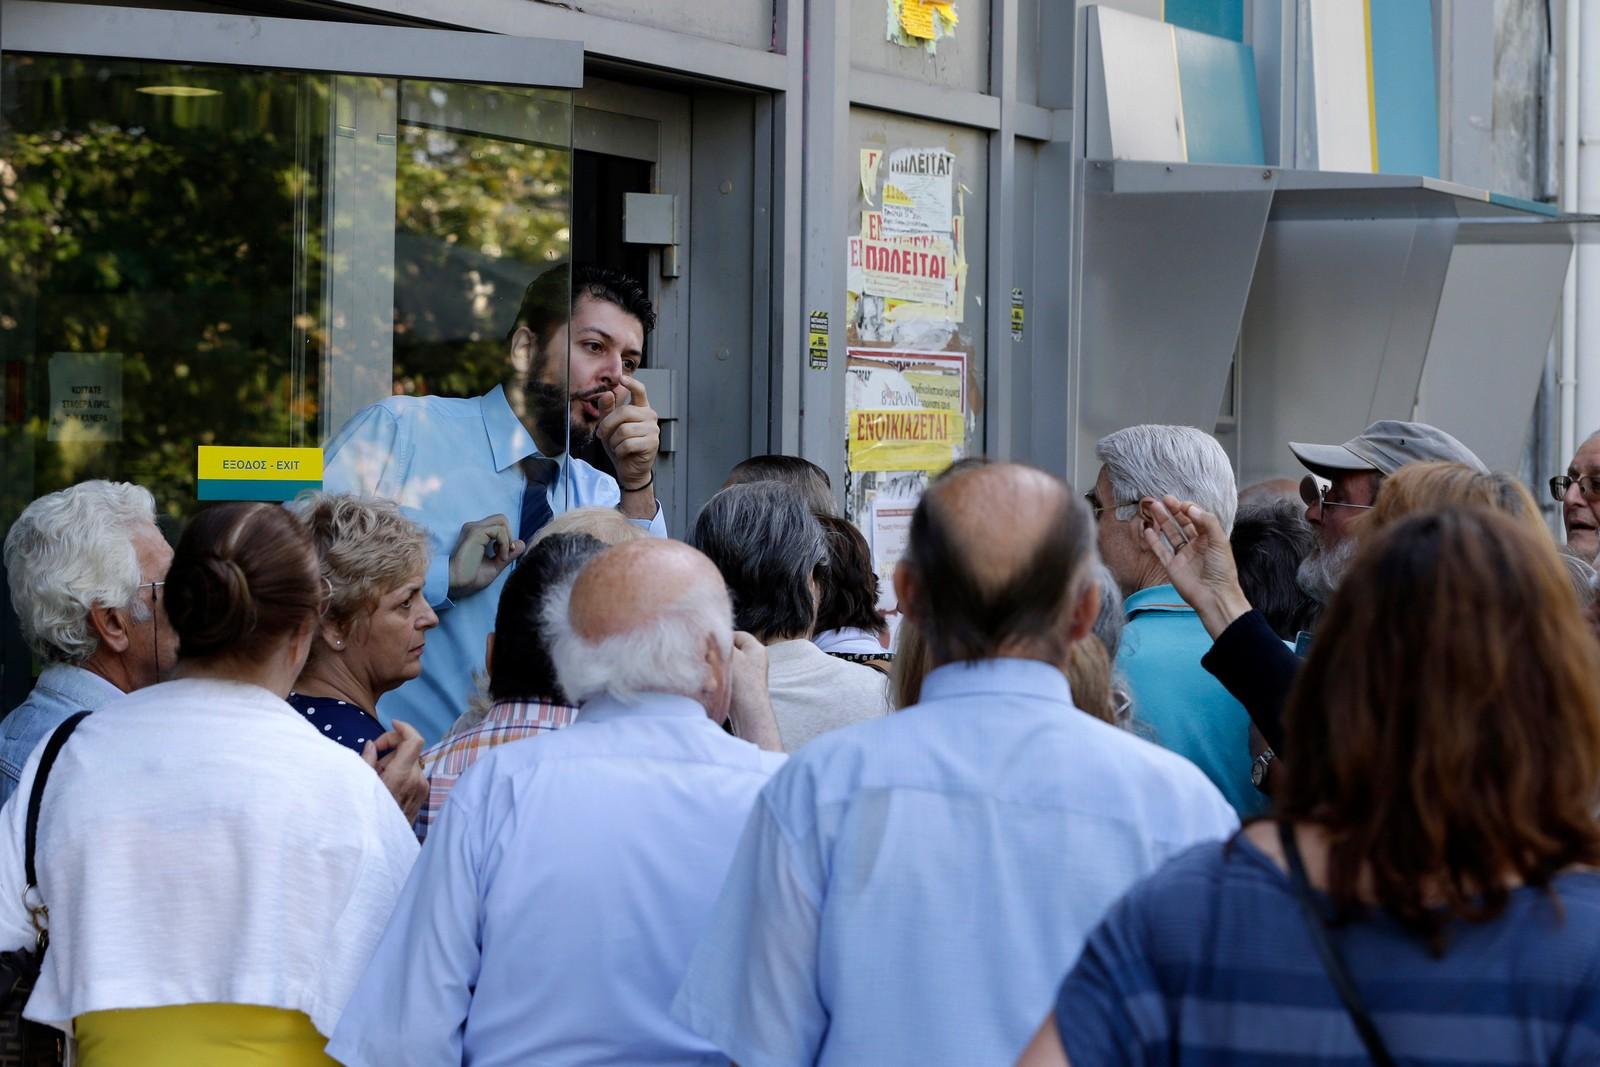 En ansatt gir instrukser til pensjonister som venter utenfor en bank i Aten i Hellas